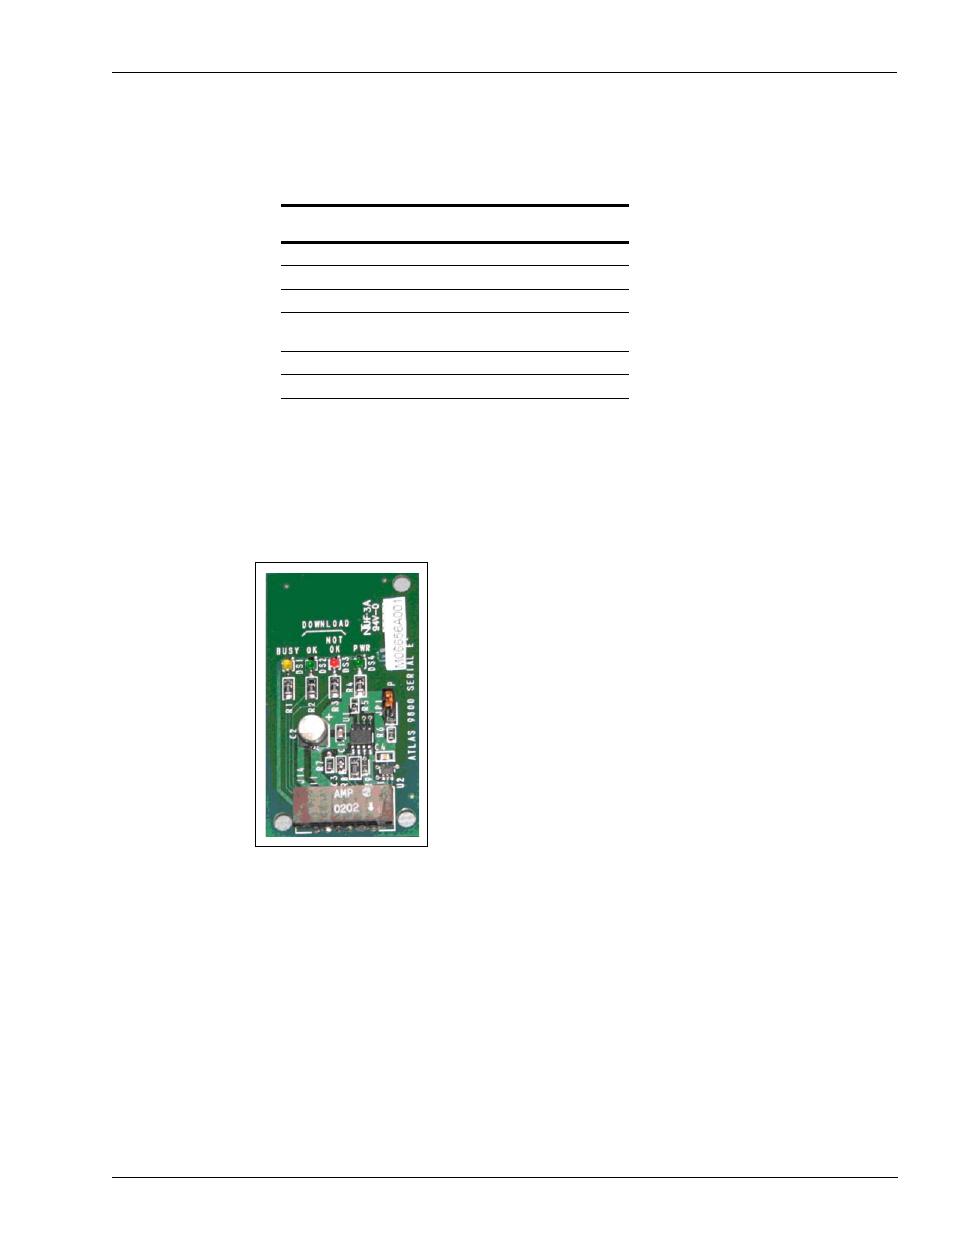 Atlas 9800 serial eeprom board (m06656k00x), Atlas 9800